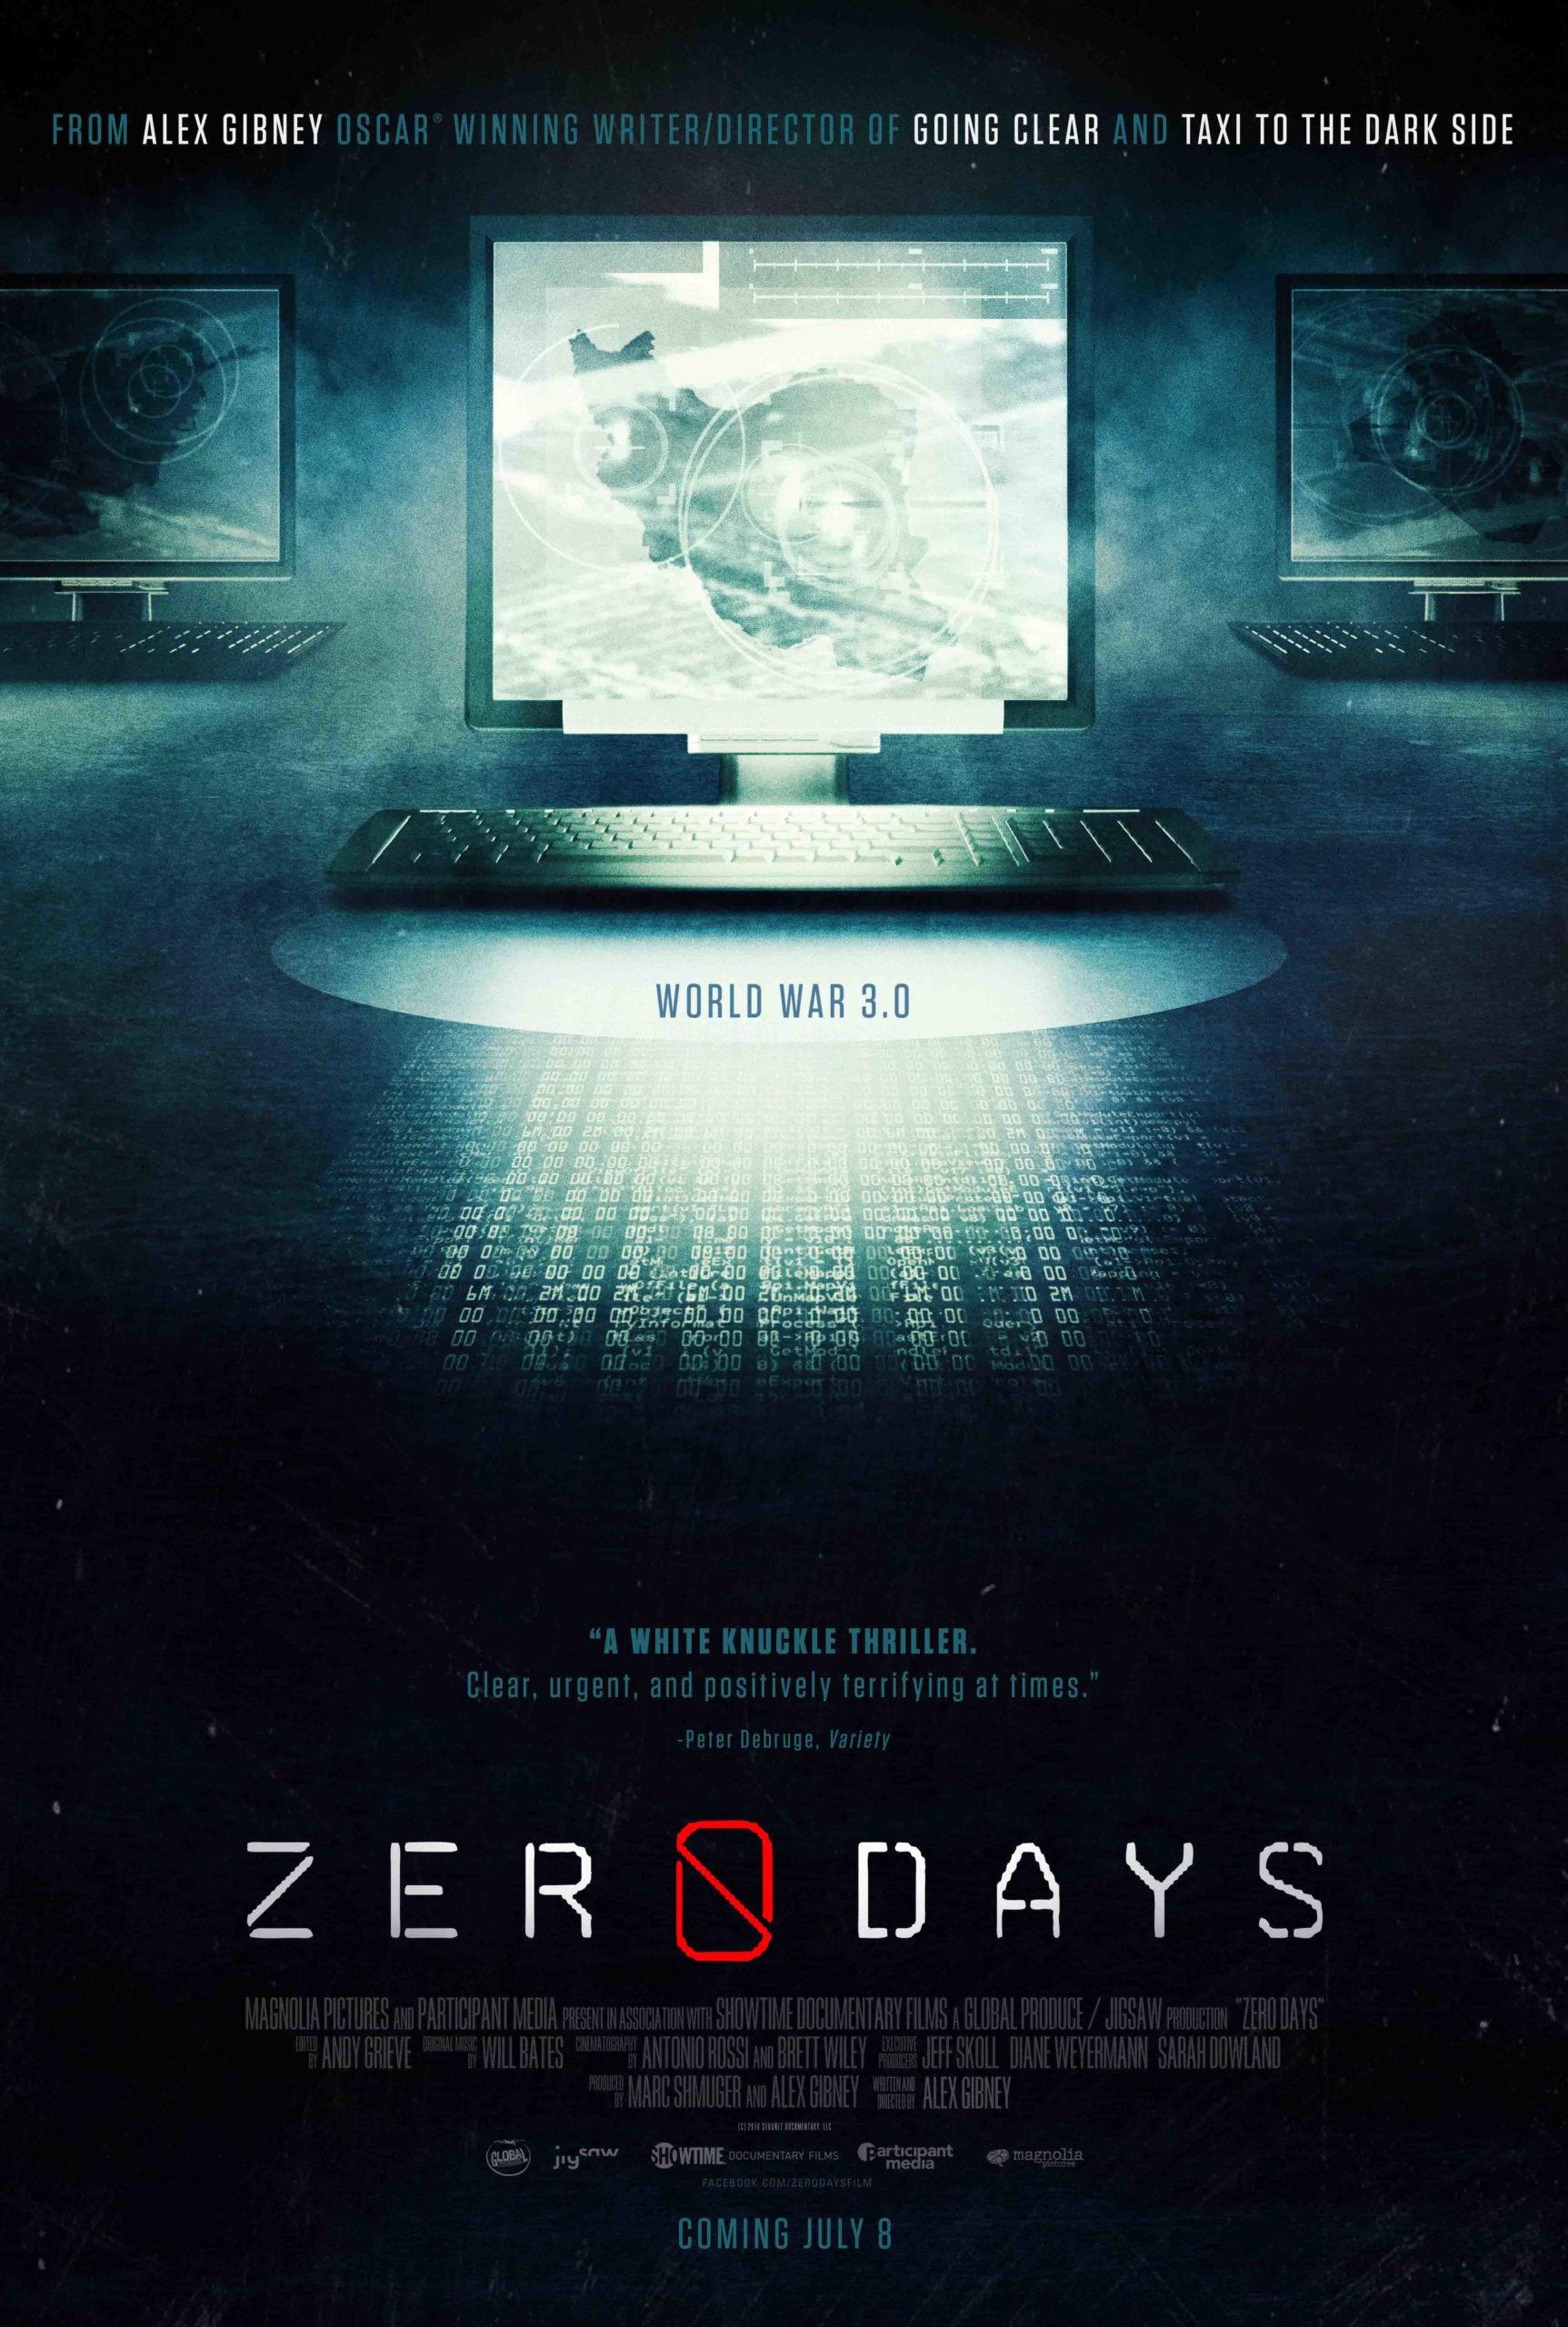 Alex Gibney: Zero Days. Dokumenttielokuva. Yhdysvallat 2016.